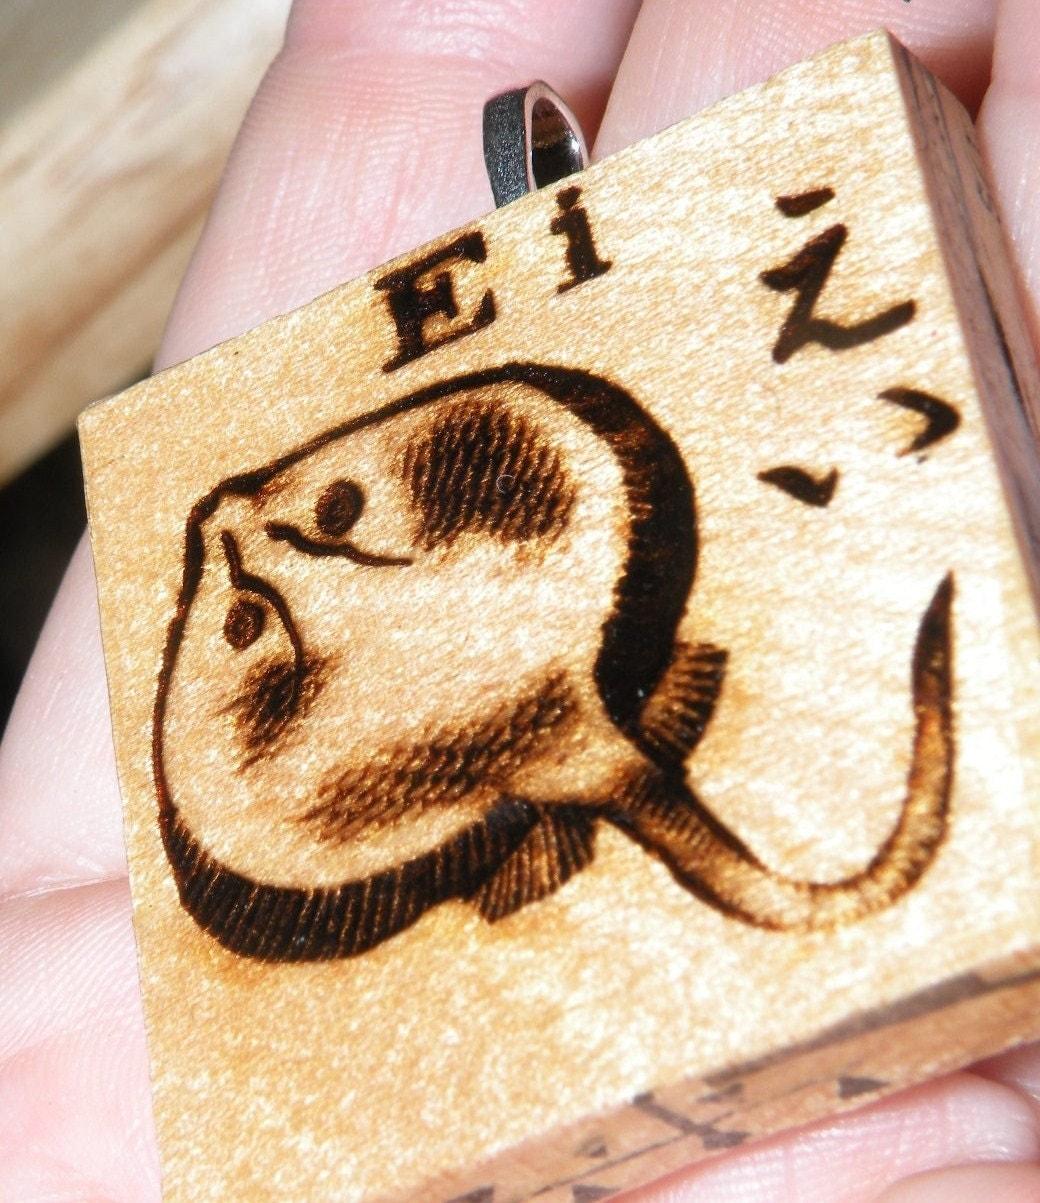 STINGRAY MANTA RAY PENDANT - Vintage Japanese Game Tile upcycled wood art